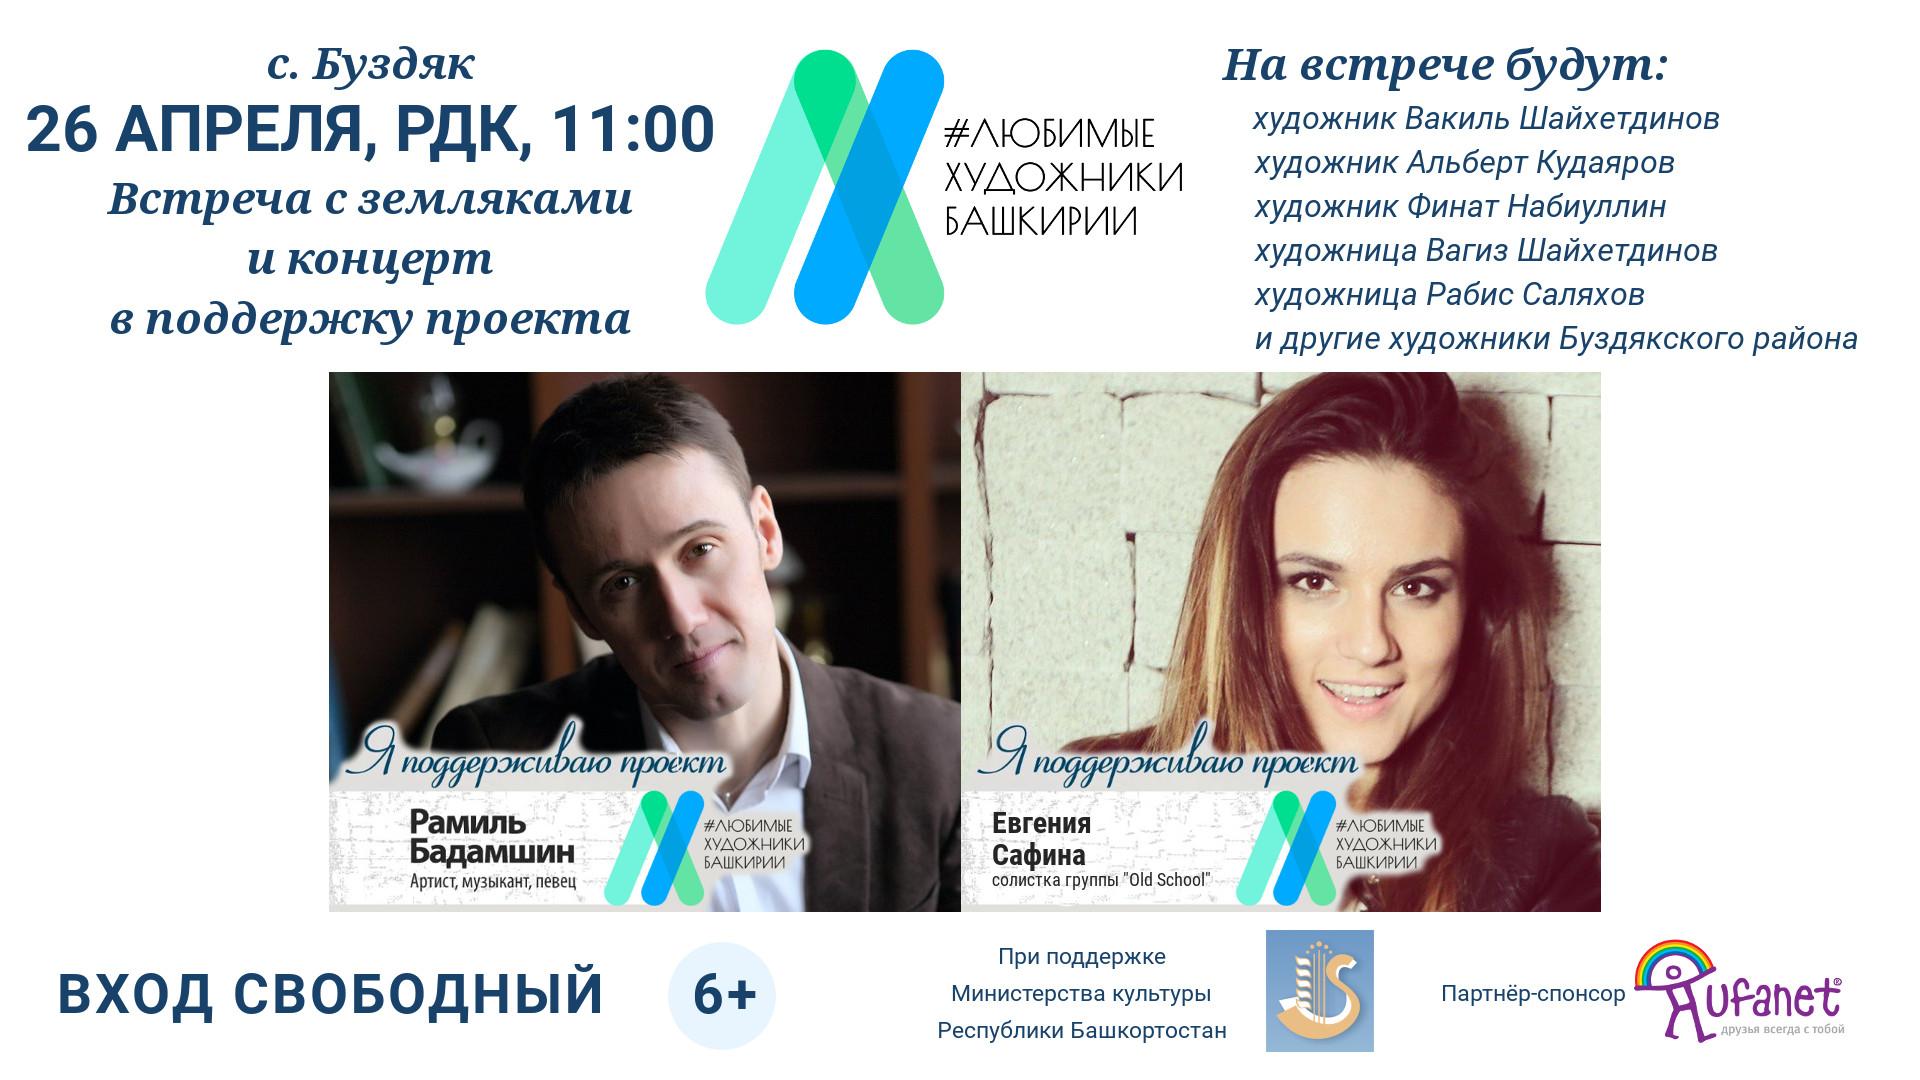 Художественный тур проекта «Любимые художники Башкирии» – поездка №8: встреча 26 апреля с художниками в c. Буздяк